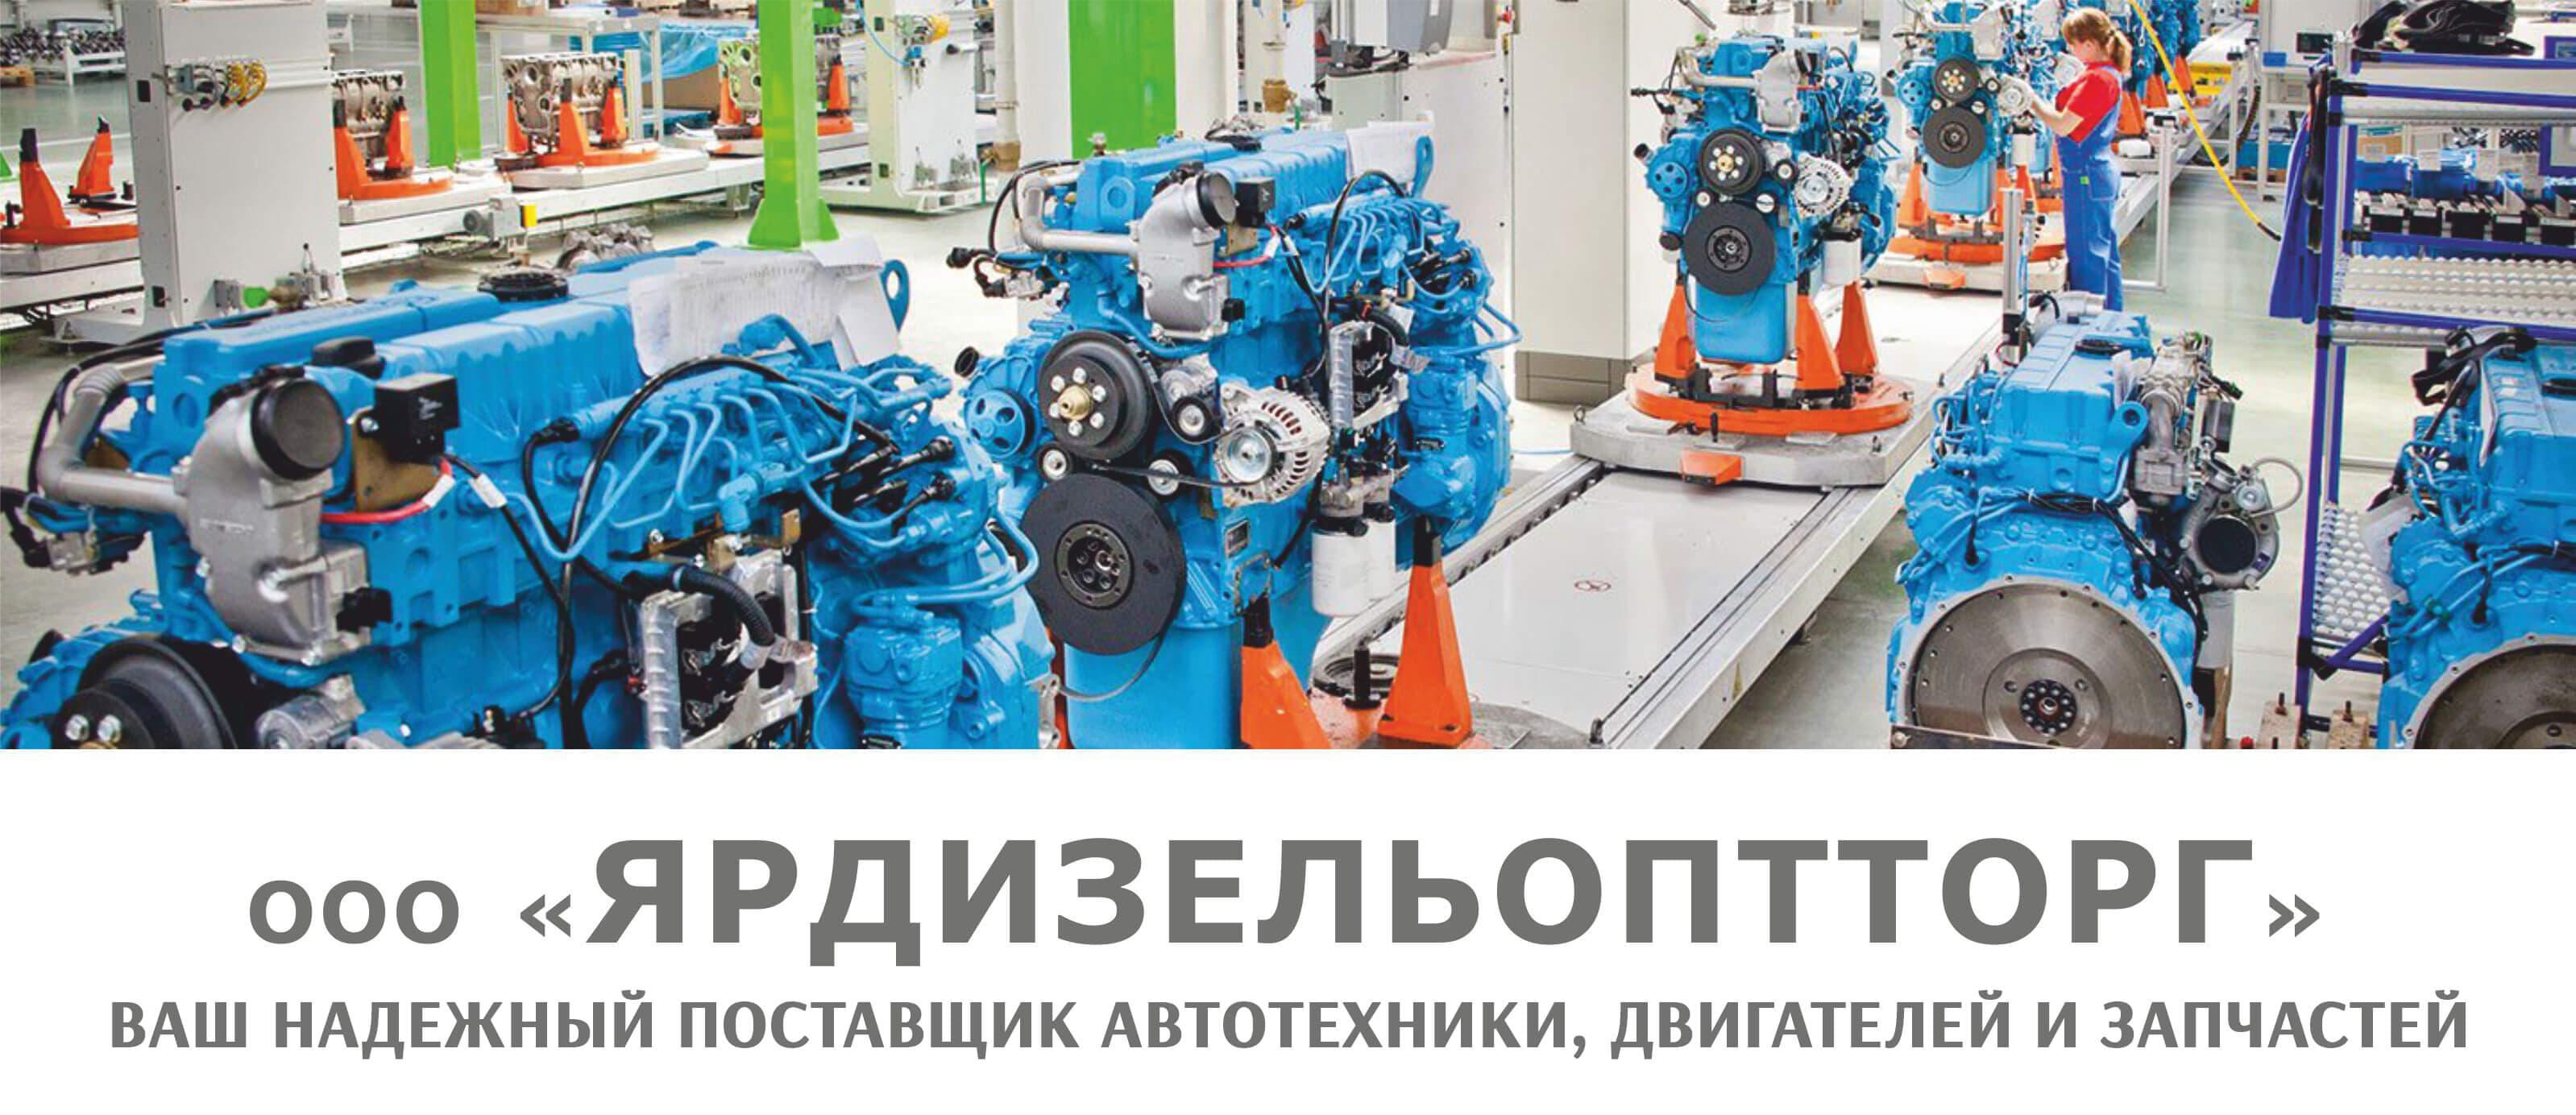 https://ymzdiesel.ru/storage/images/slider/banner.jpg